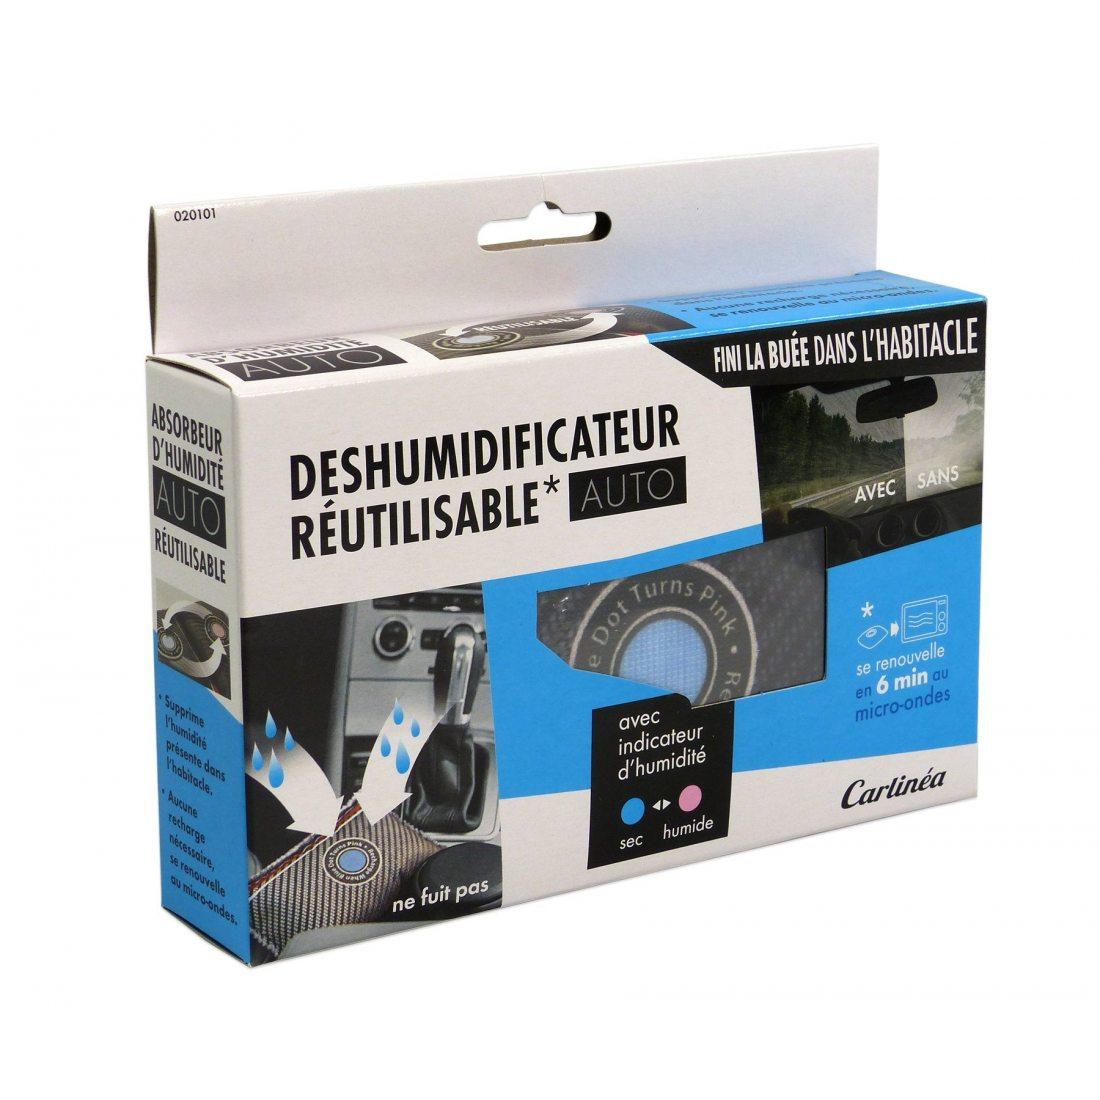 Carlinea 020101 Déshumidificateur Réutilisable